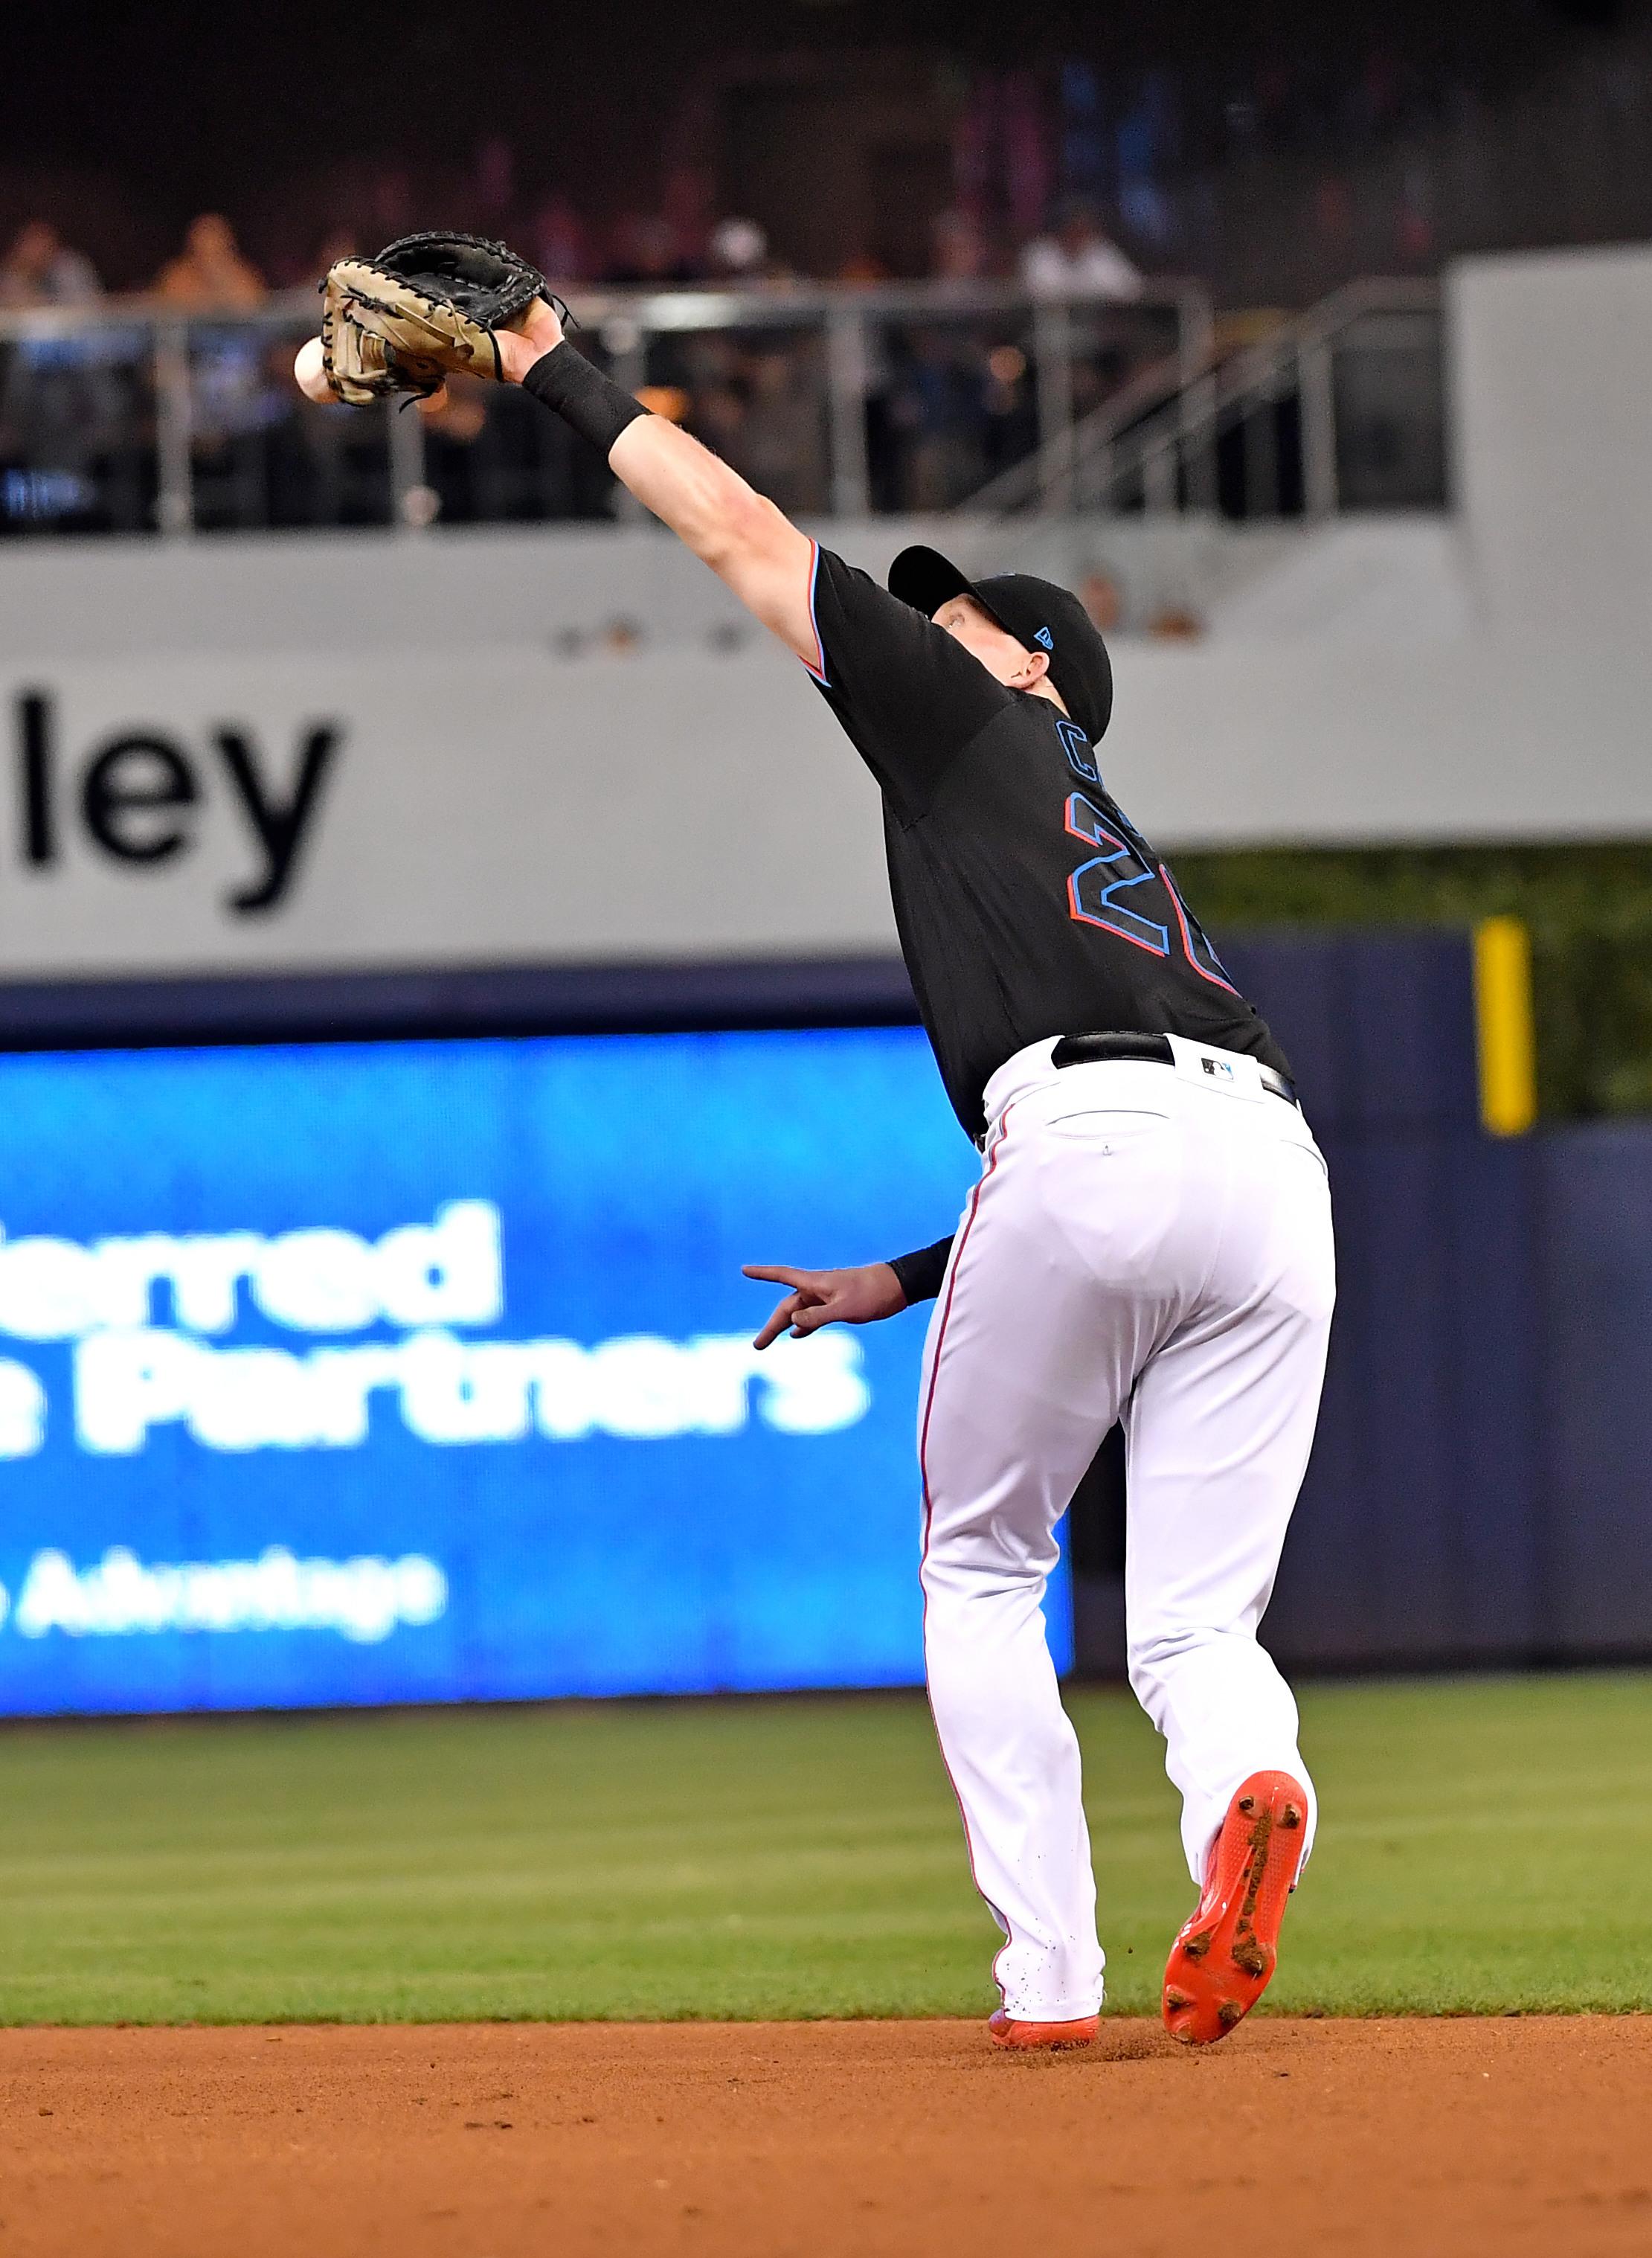 MLB: Kansas City Royals at Miami Marlins